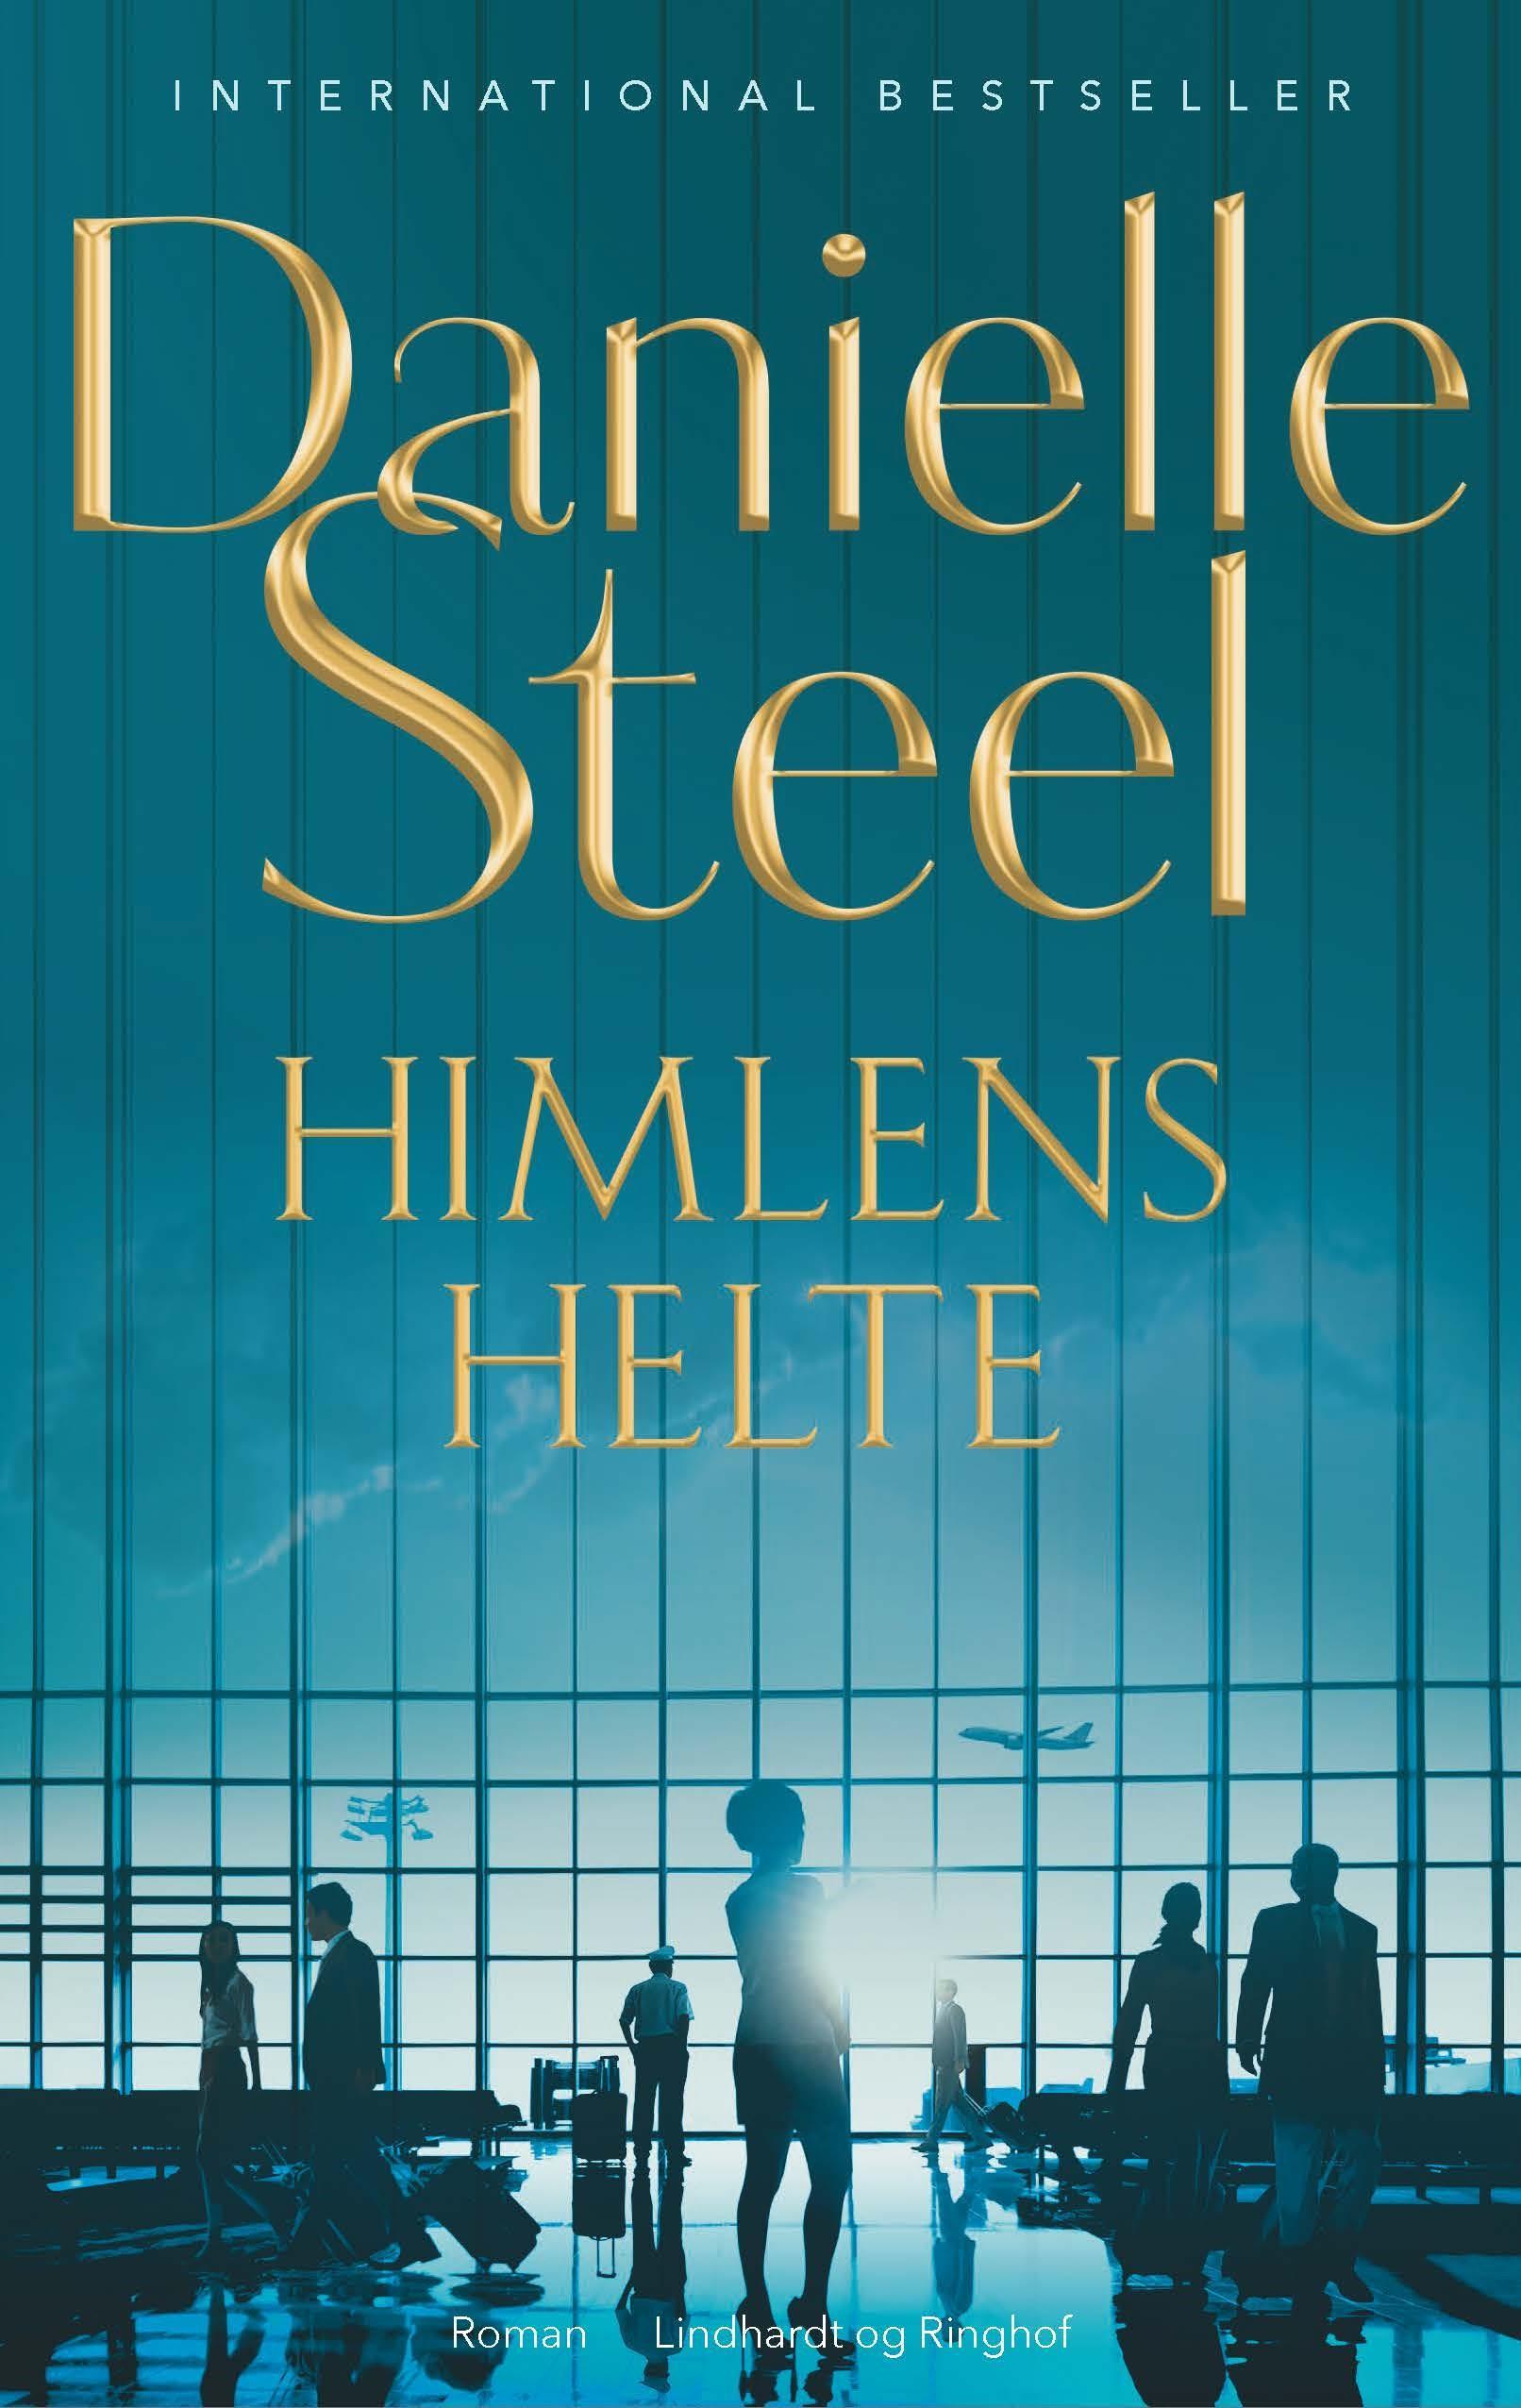 Himlens helte - Danielle Steel - Bøger - Lindhardt og Ringhof - 9788711981955 - 1/7-2020